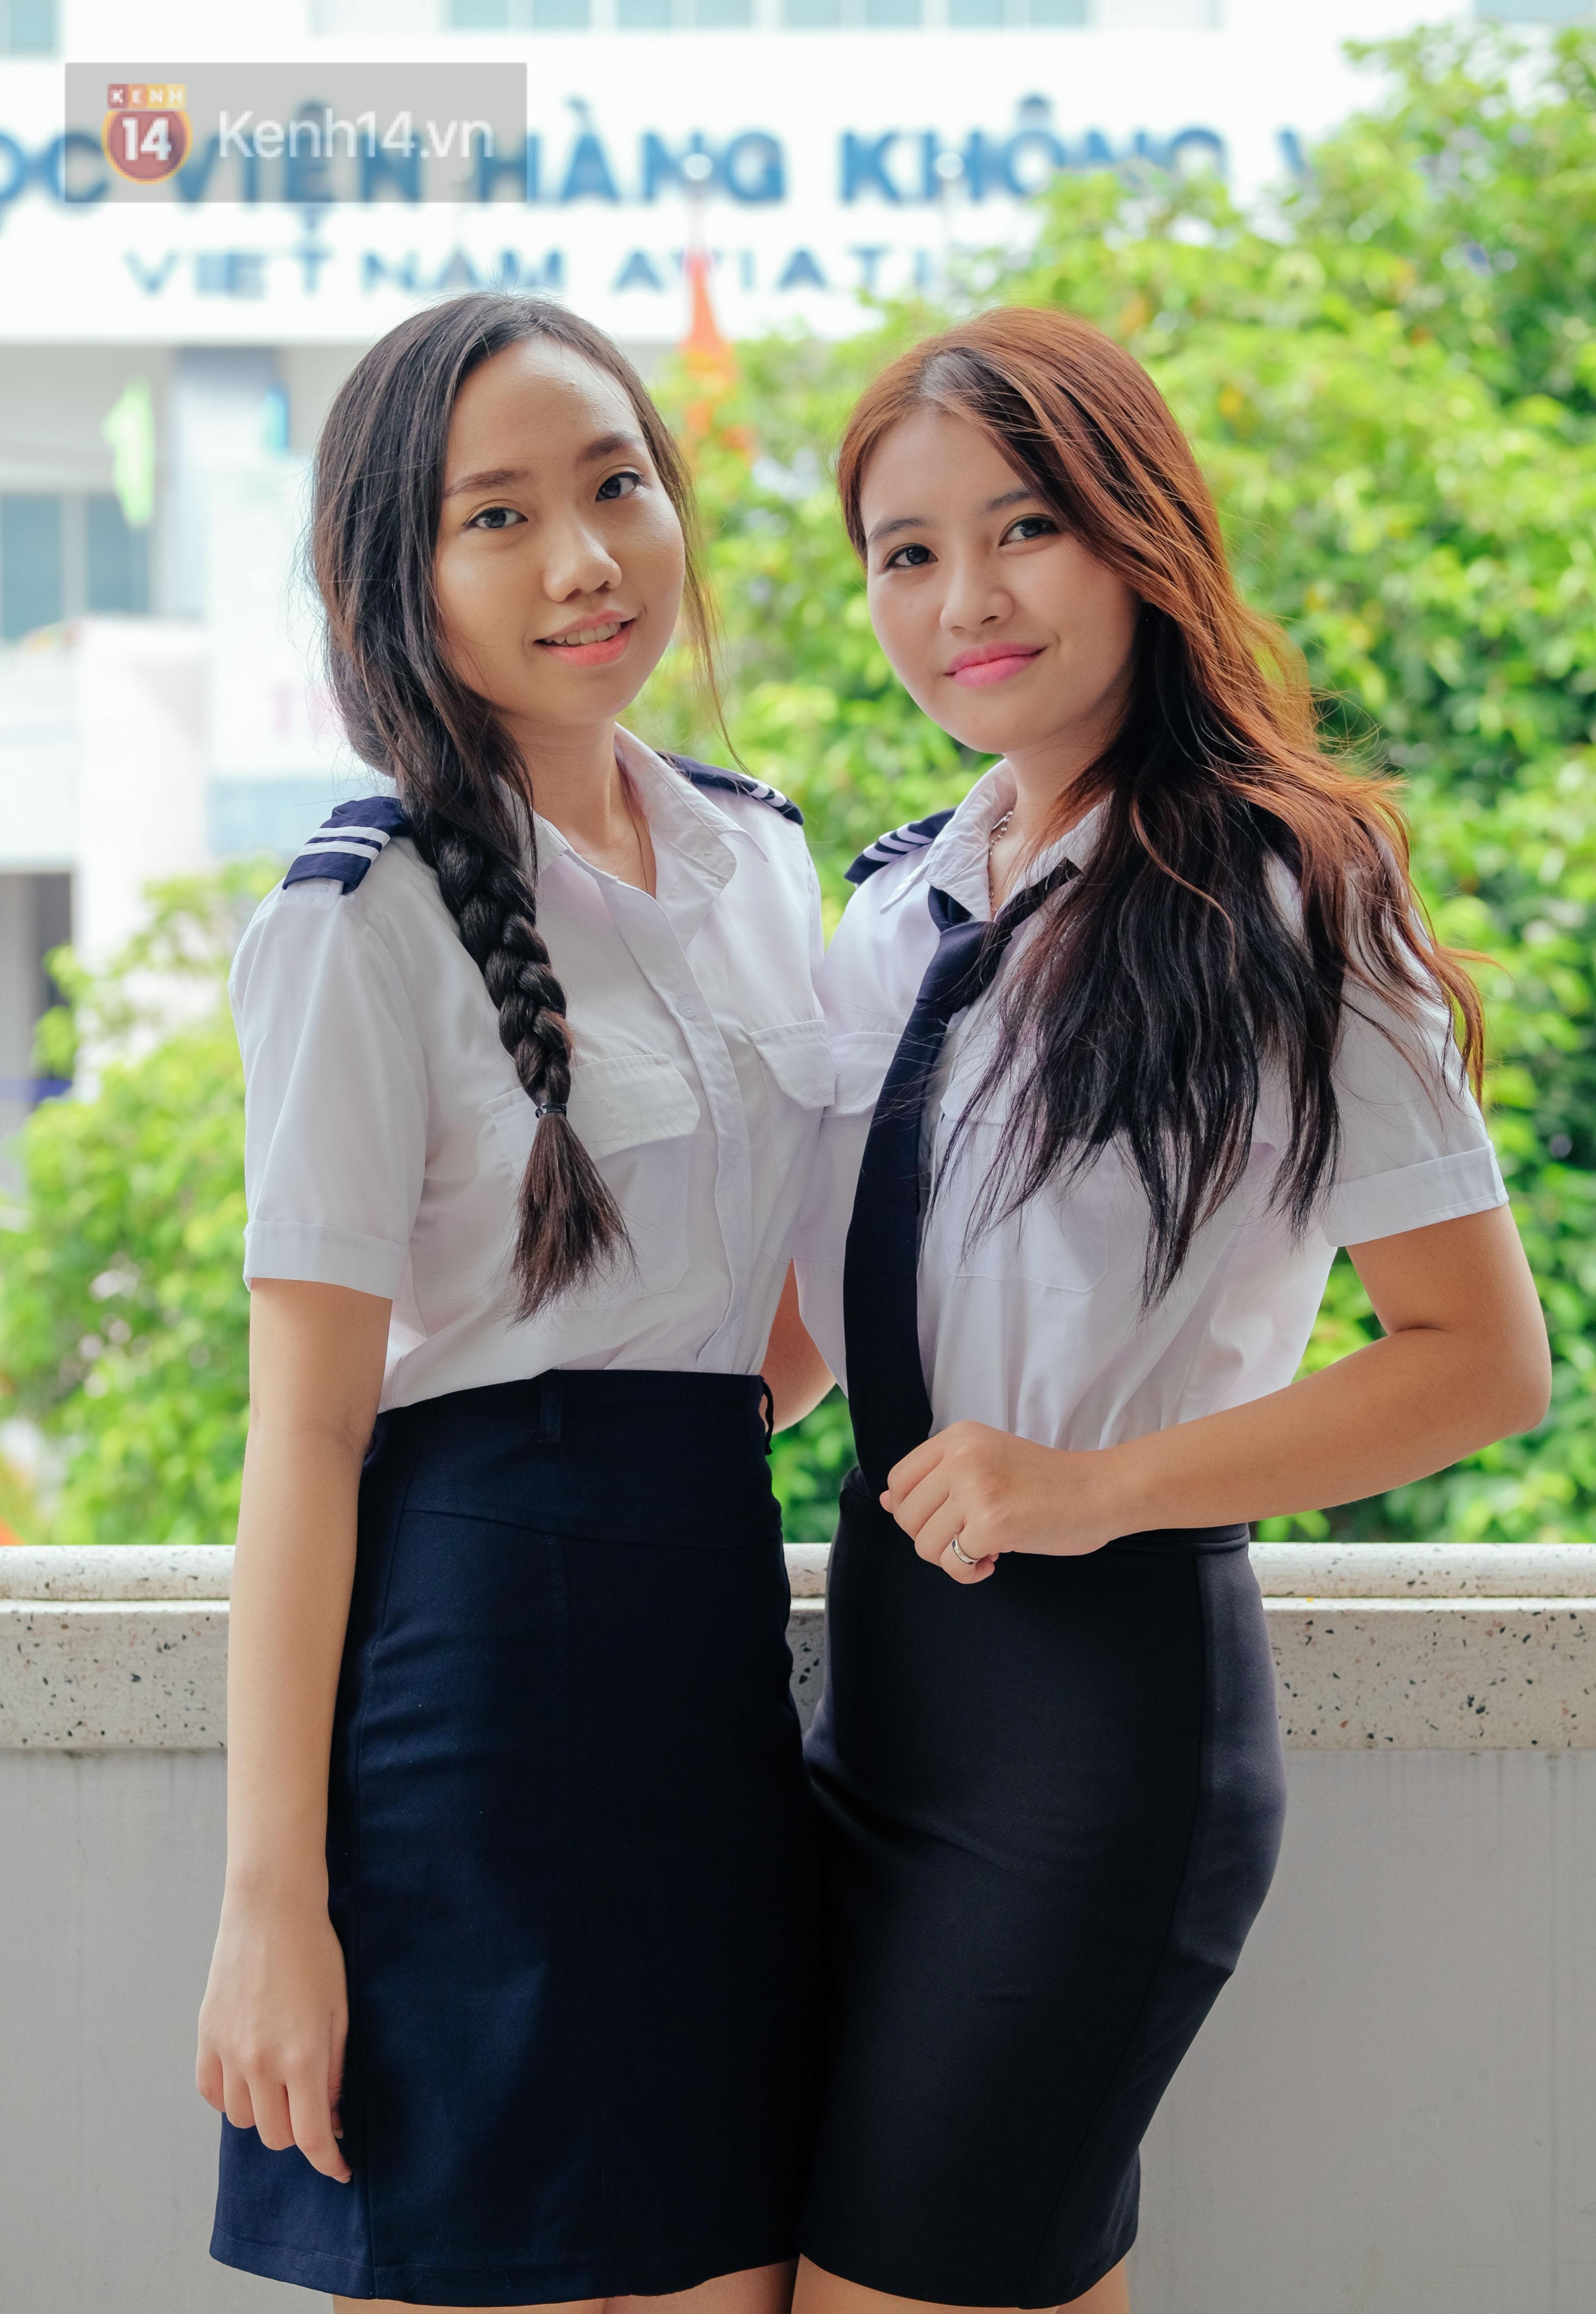 Đời sống: Cùng xem SV Học viện Hàng không Việt Nam khai giảng như thế nào nhé!